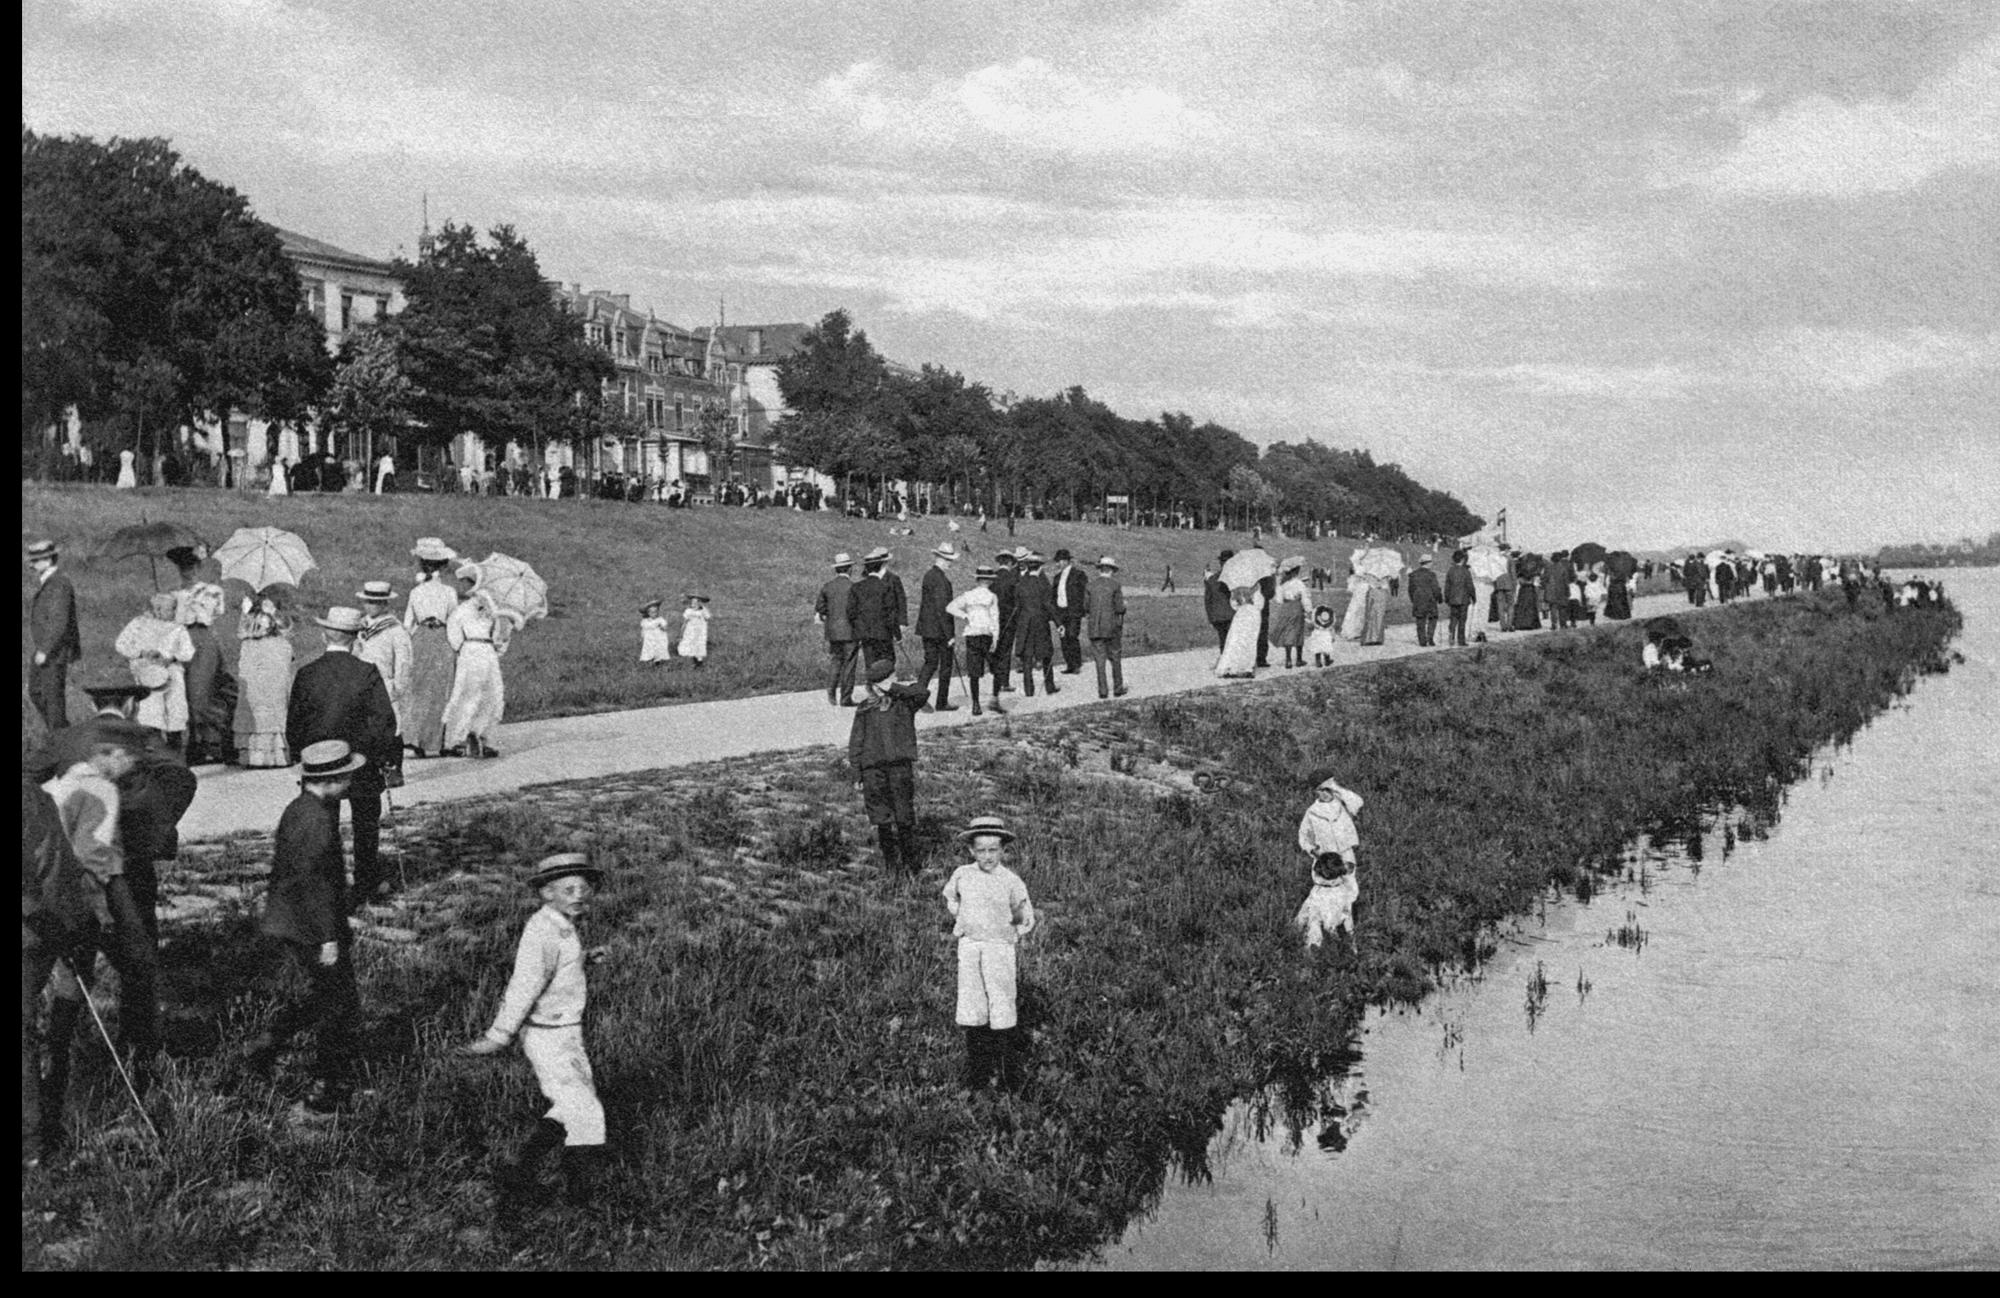 Flanieren auf der Strandpromenade am Osterdeich - sw